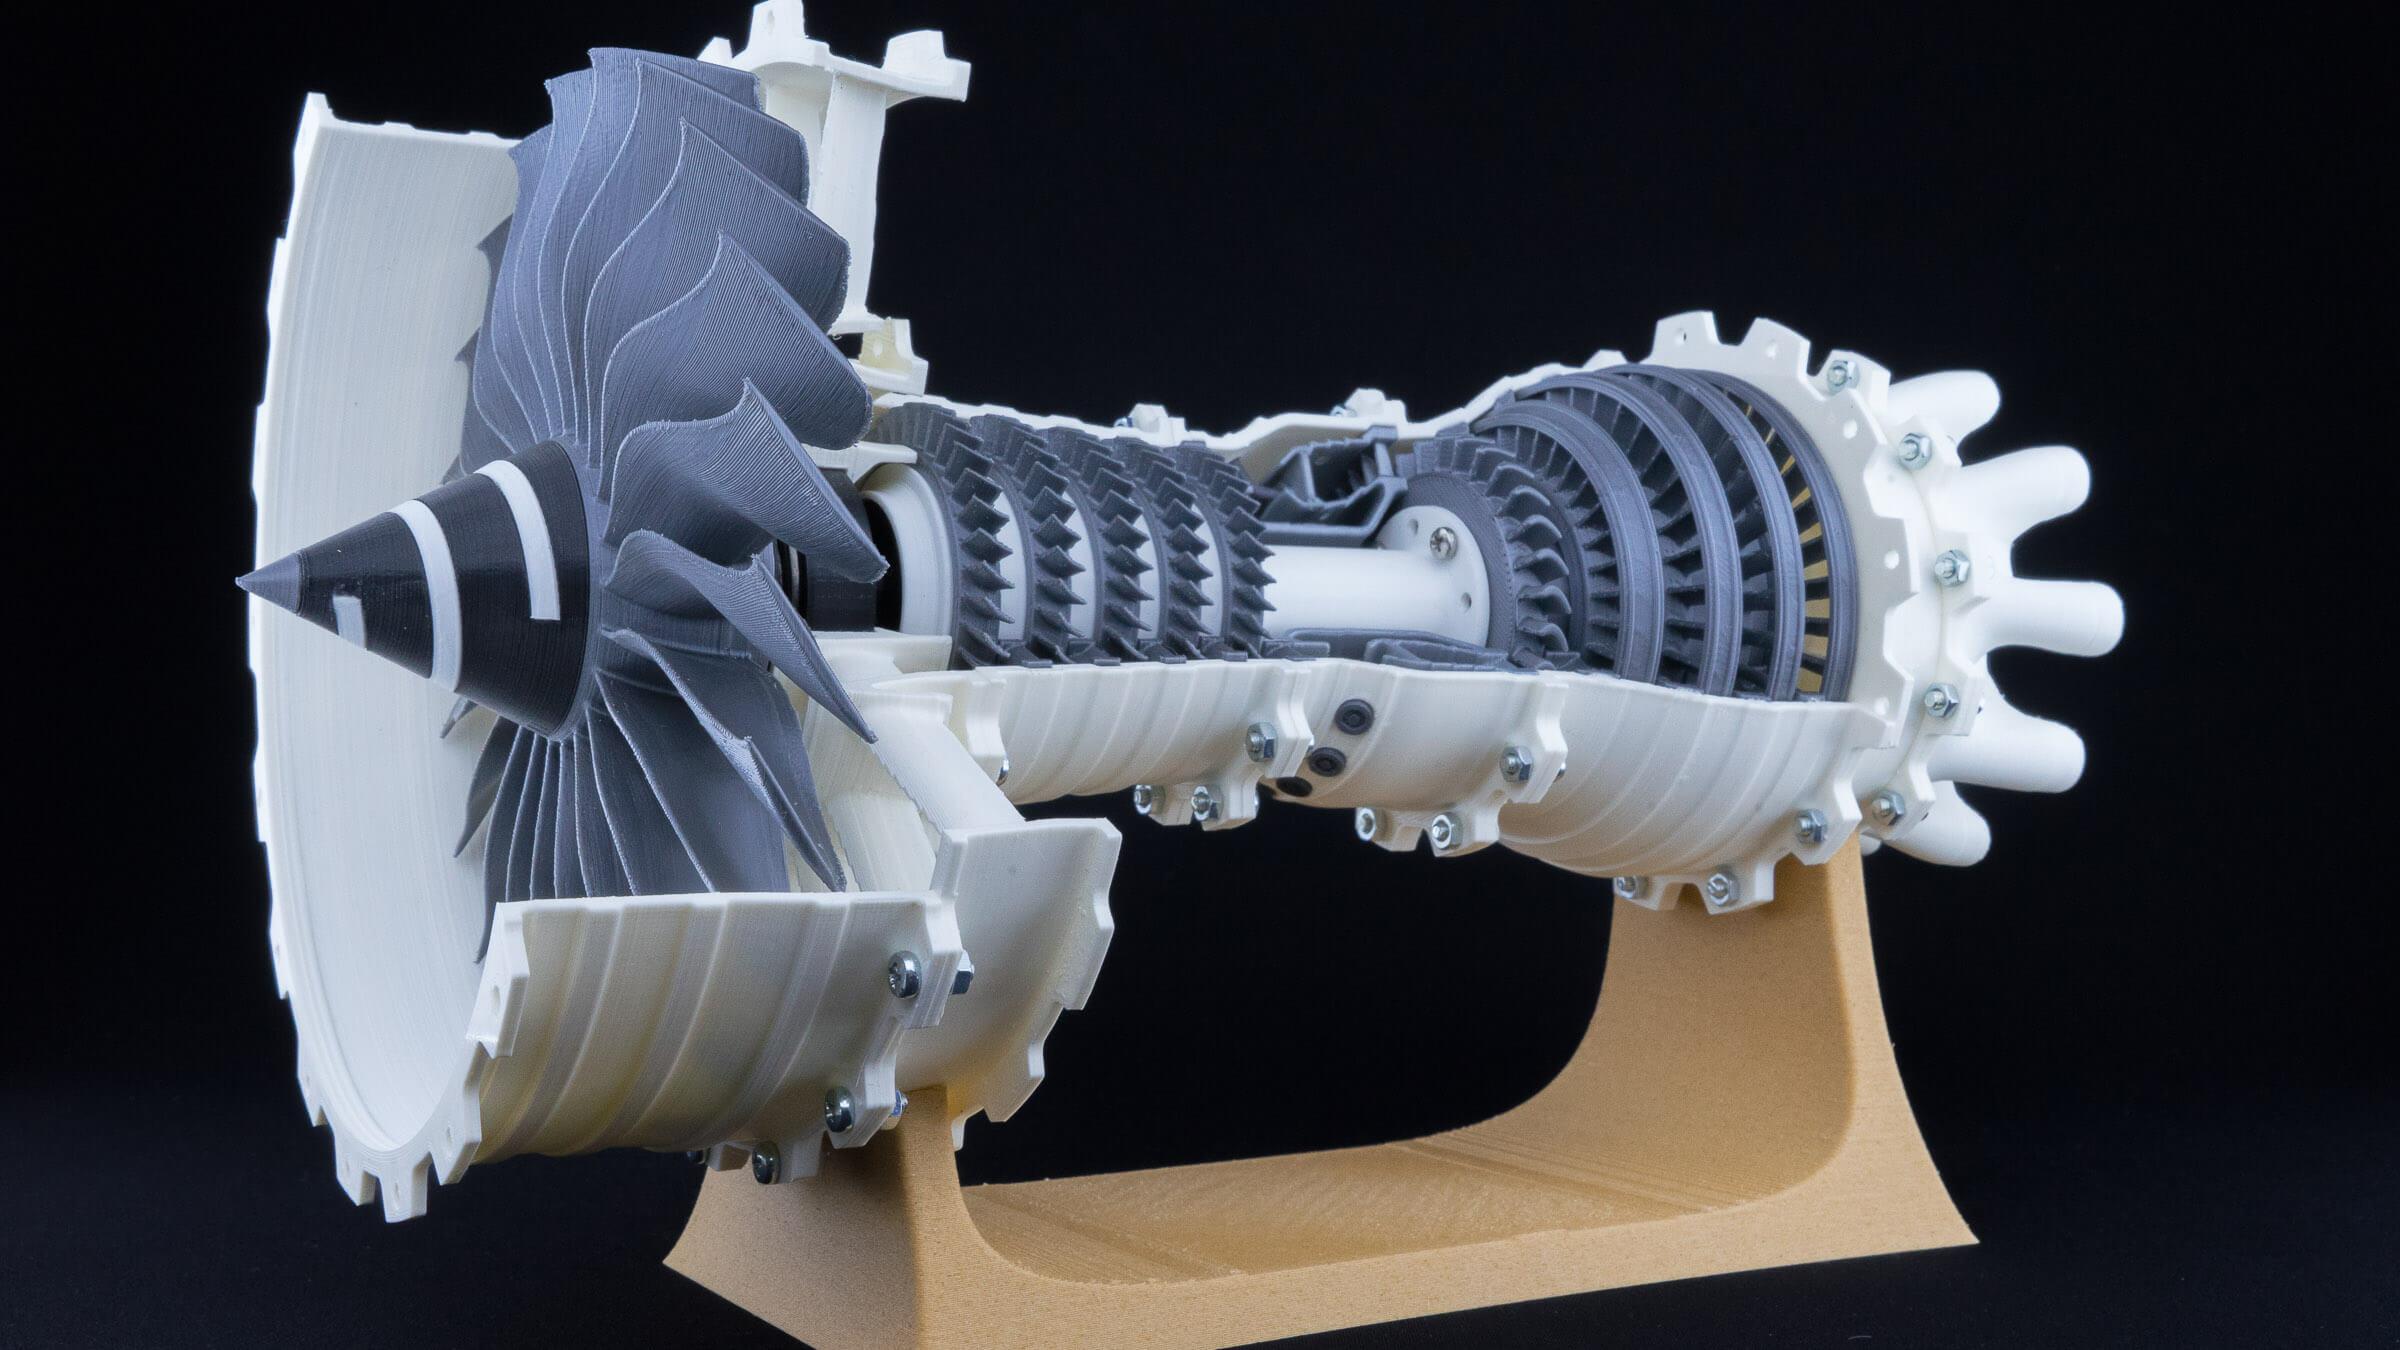 3D gedruckte Turbine als Anschauungsbeispiel und Schulungsobjekt